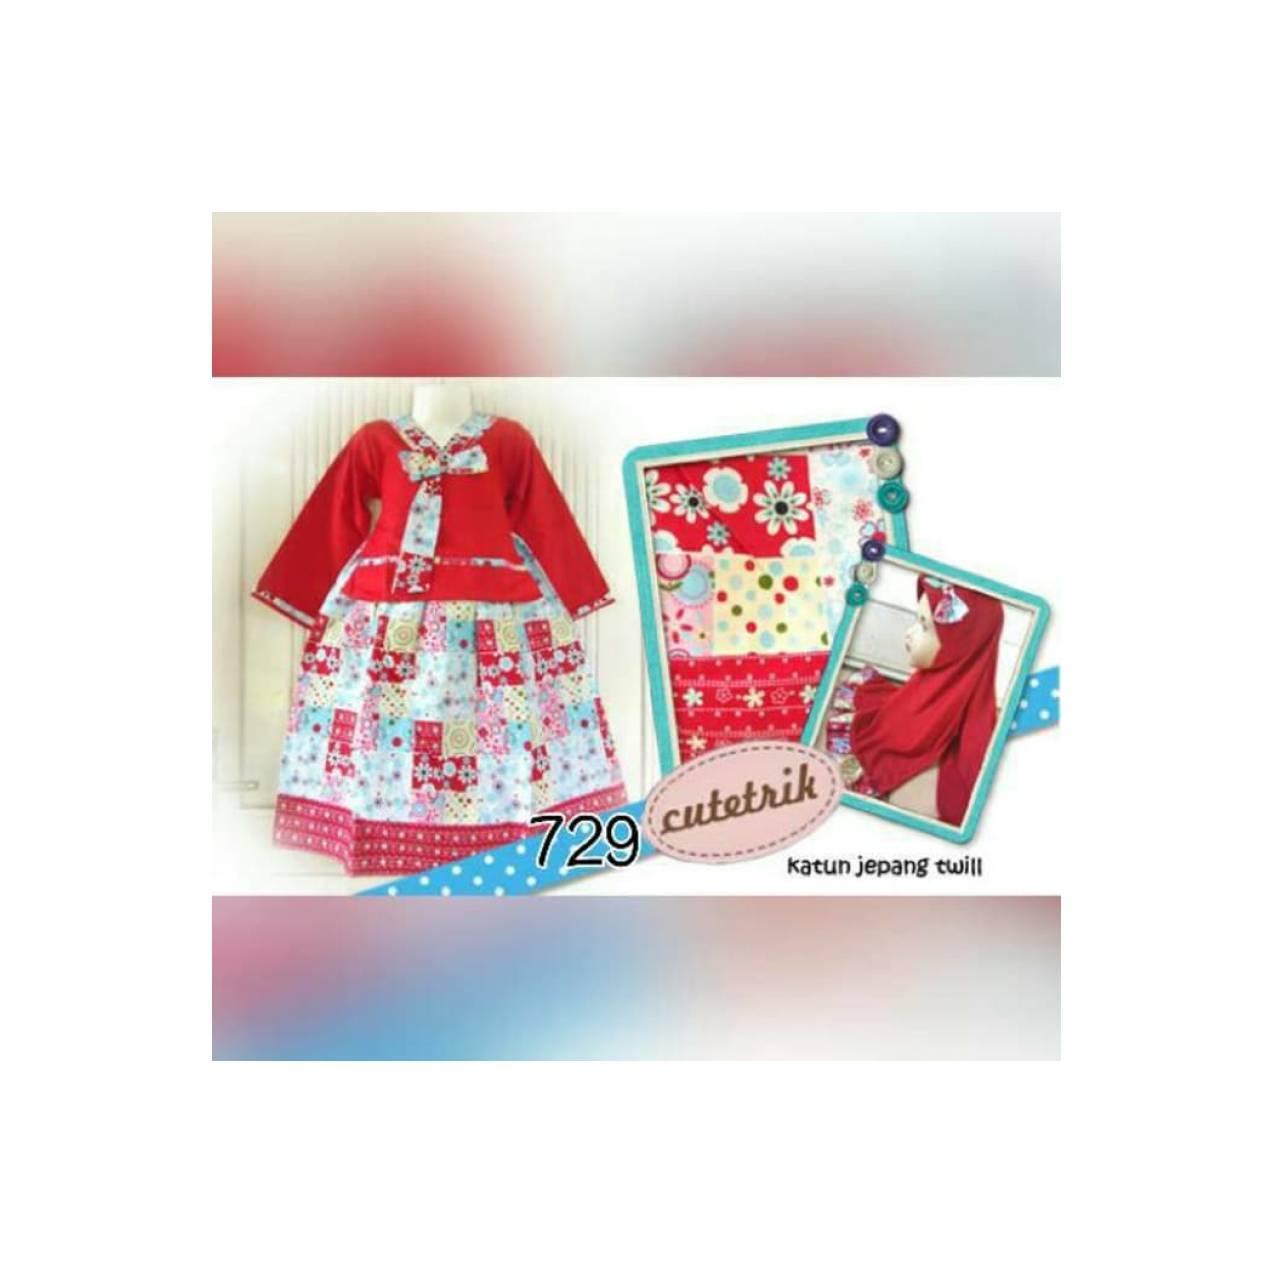 Gamis hanbok katun jepang size SD - remaja motif patchwork merah